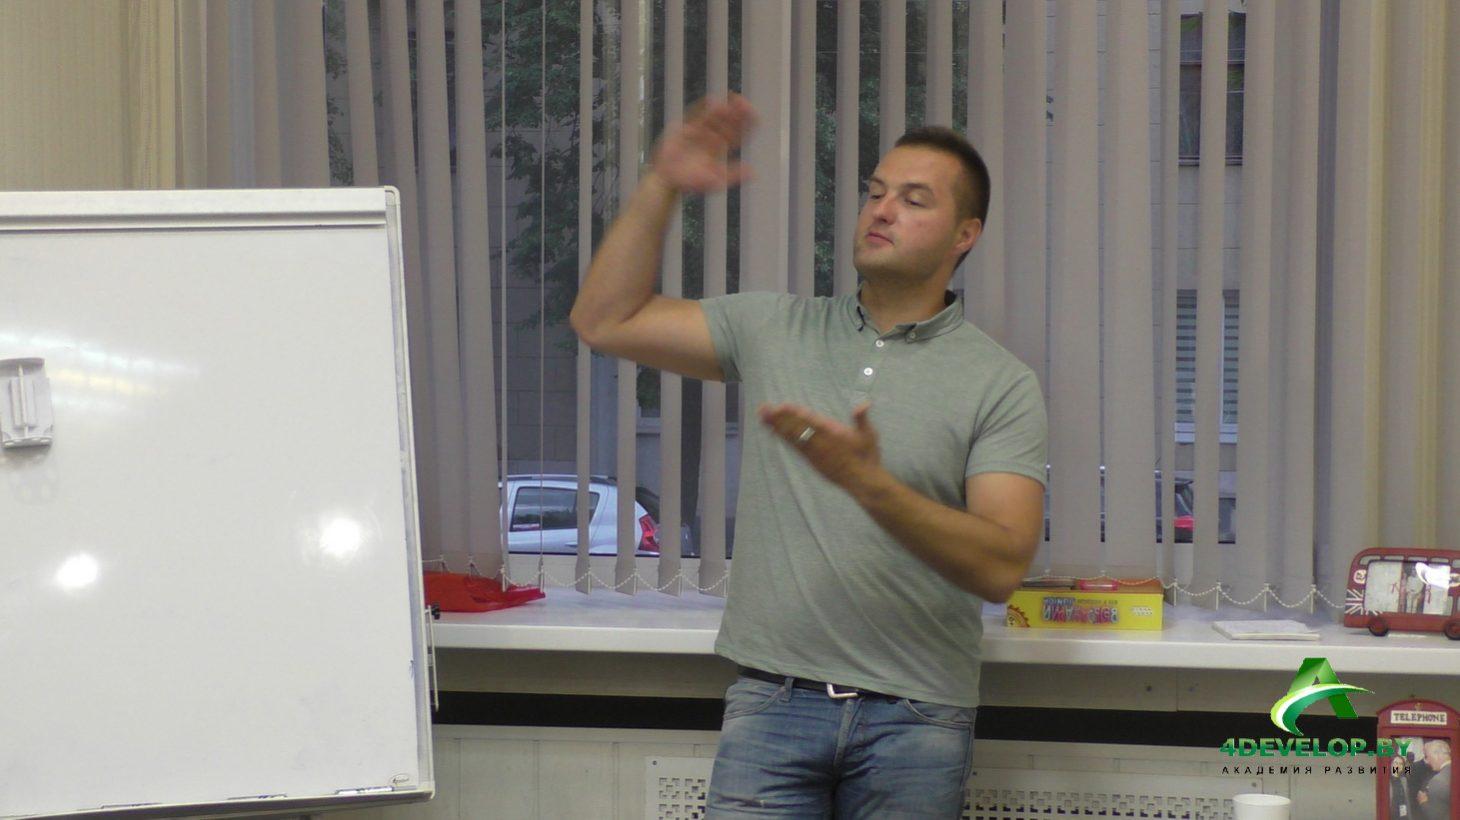 2. Ораторское искусство и постановка голоса. Курс Дмитрия Смирнова